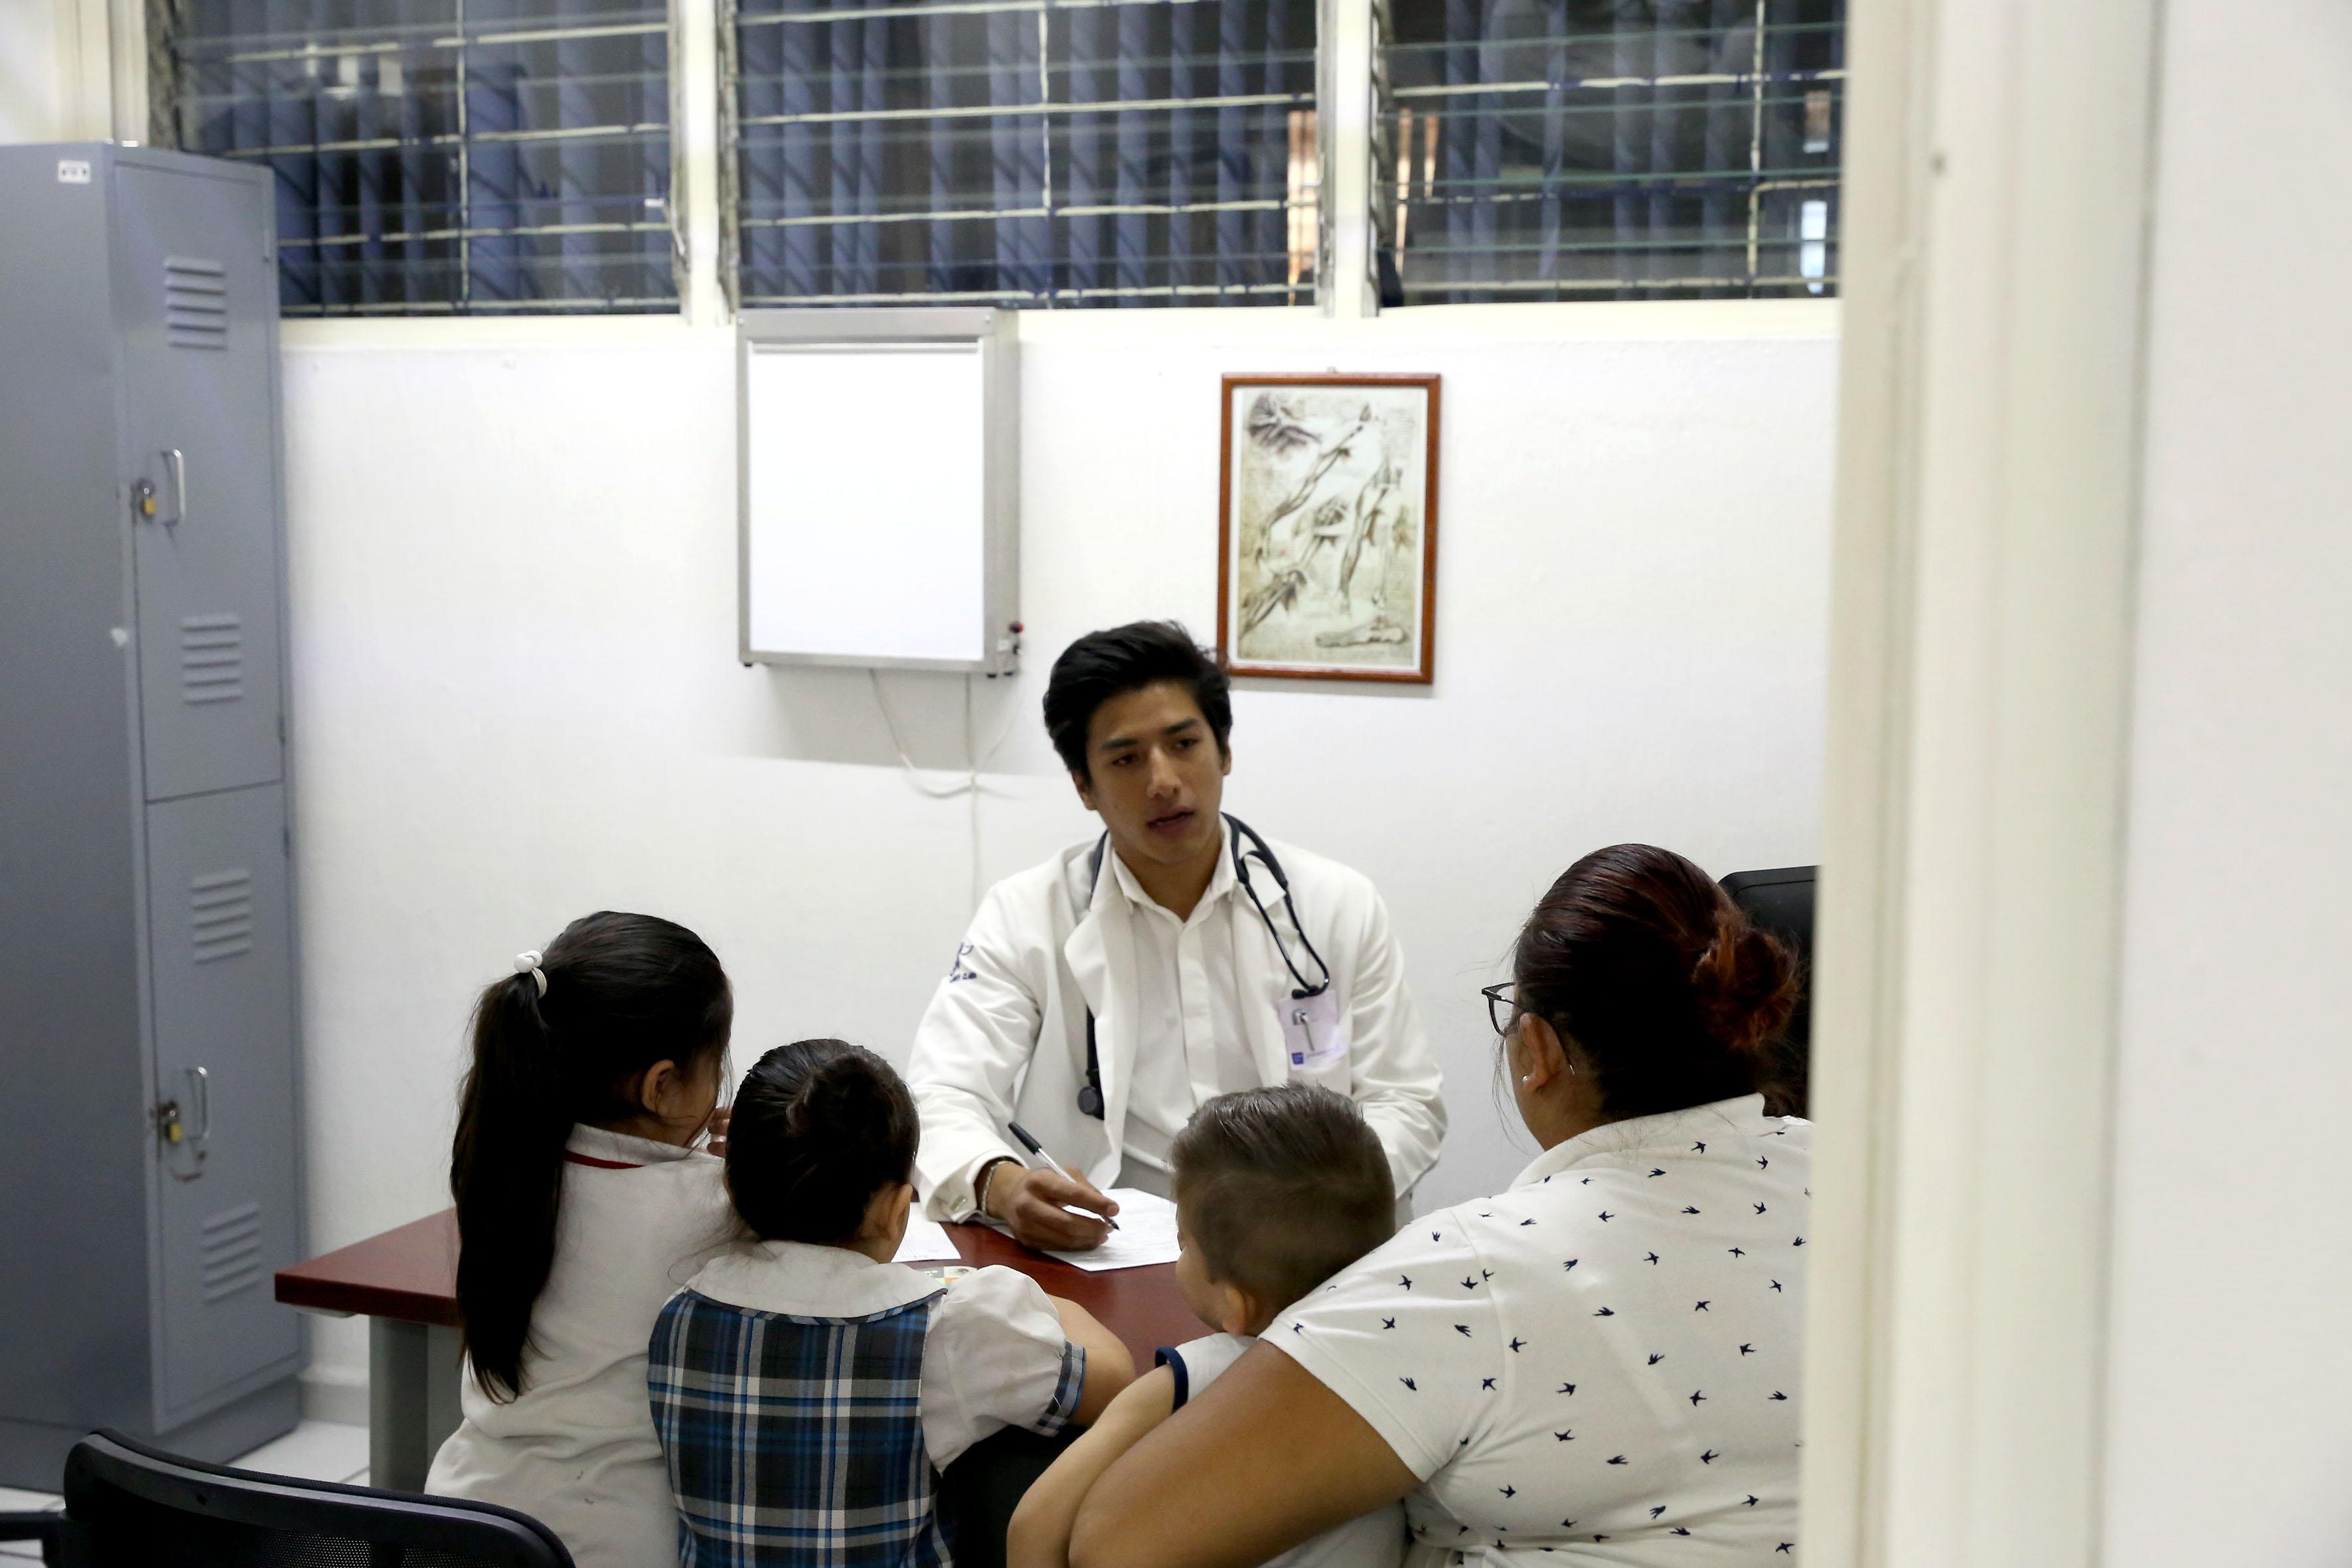 Médico pasante ofreciendo consulta